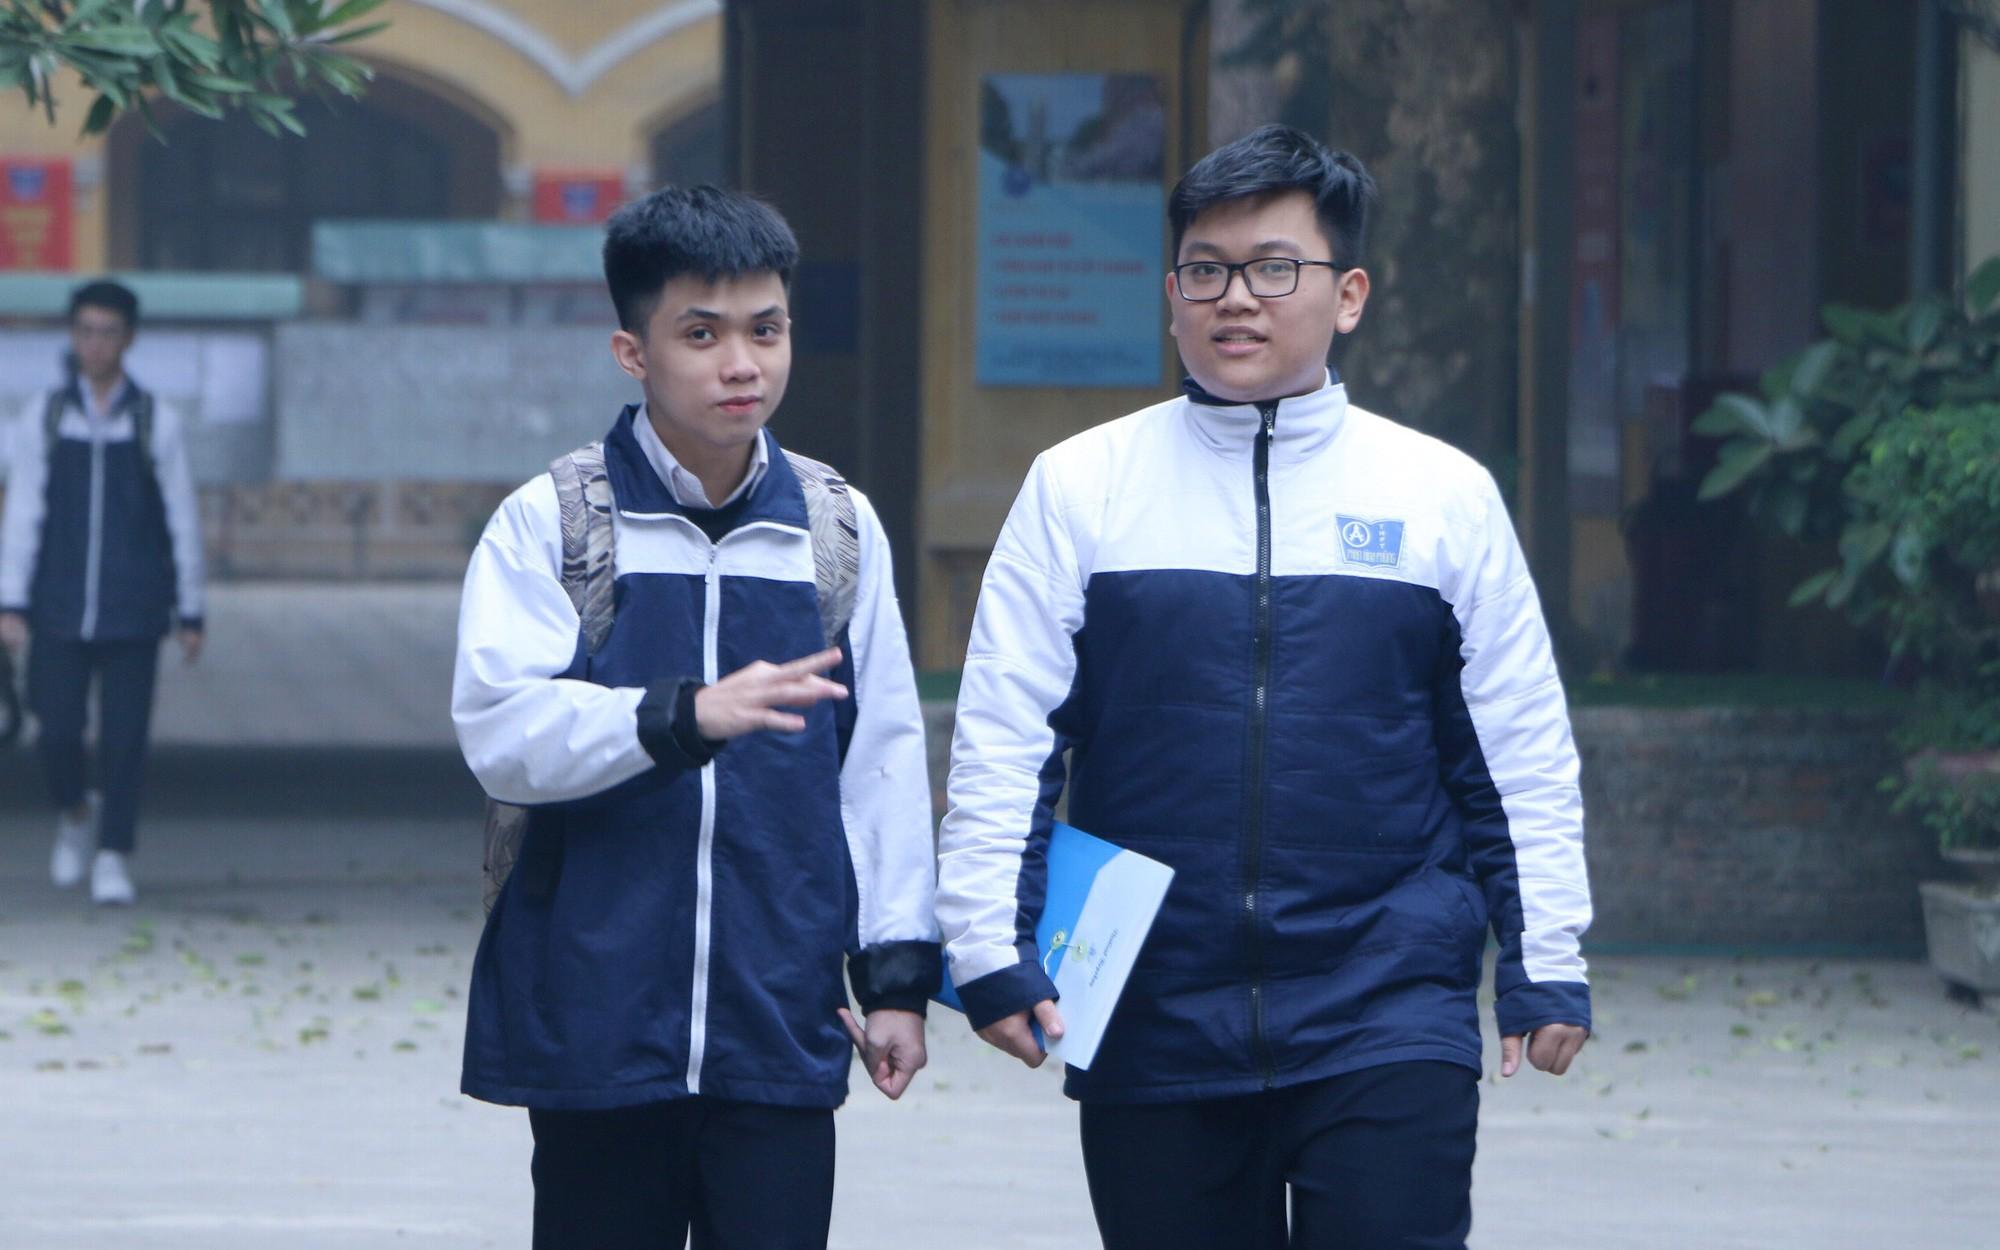 Đề thi khảo sát lớp 12 tại Hà Nội môn Ngữ văn năm 2019